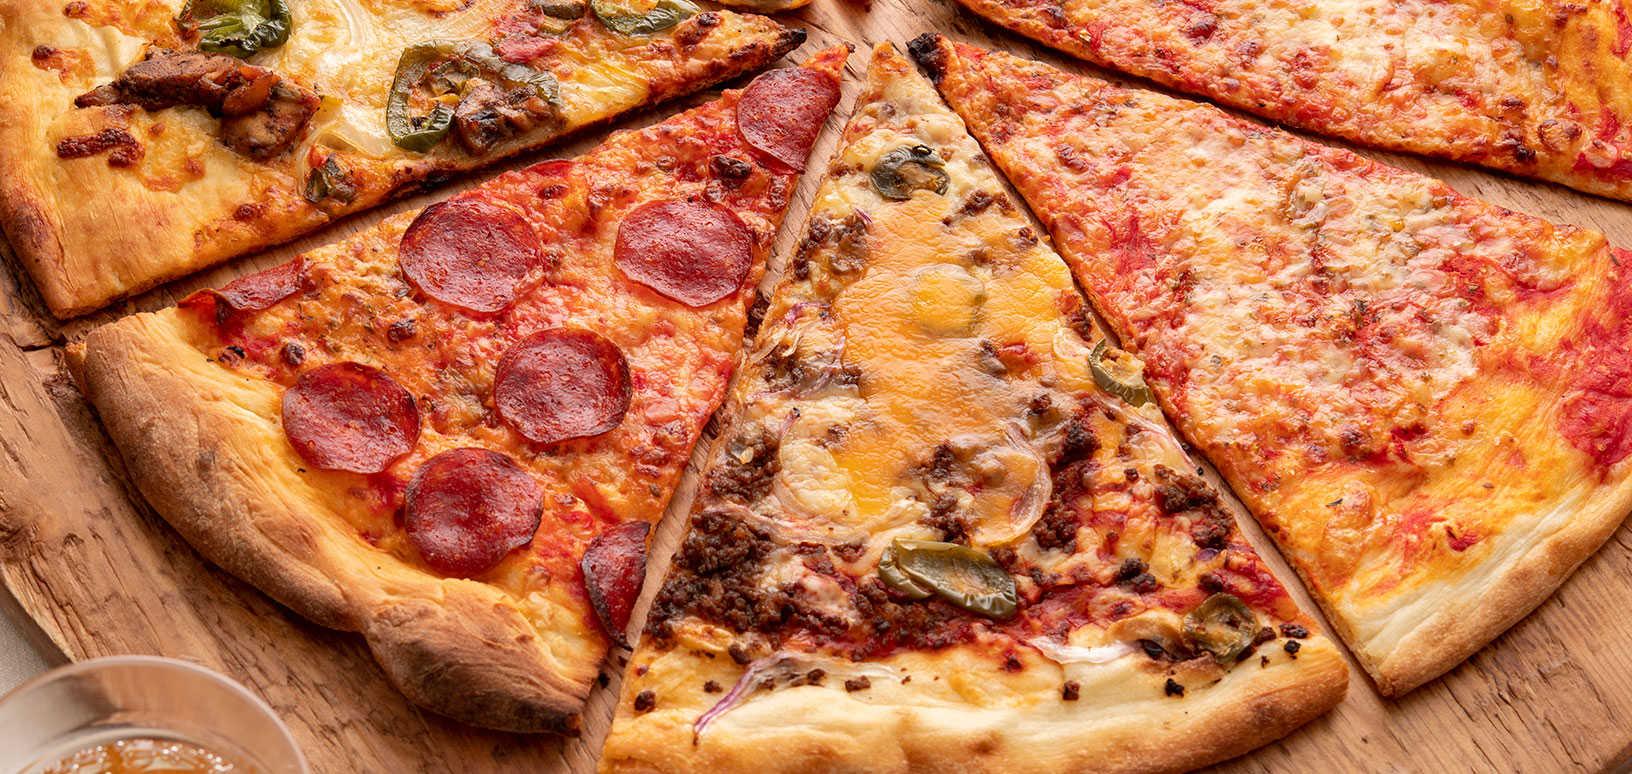 まるで映画のワンシーンのよう!? NYスタイルのピザをご紹介!